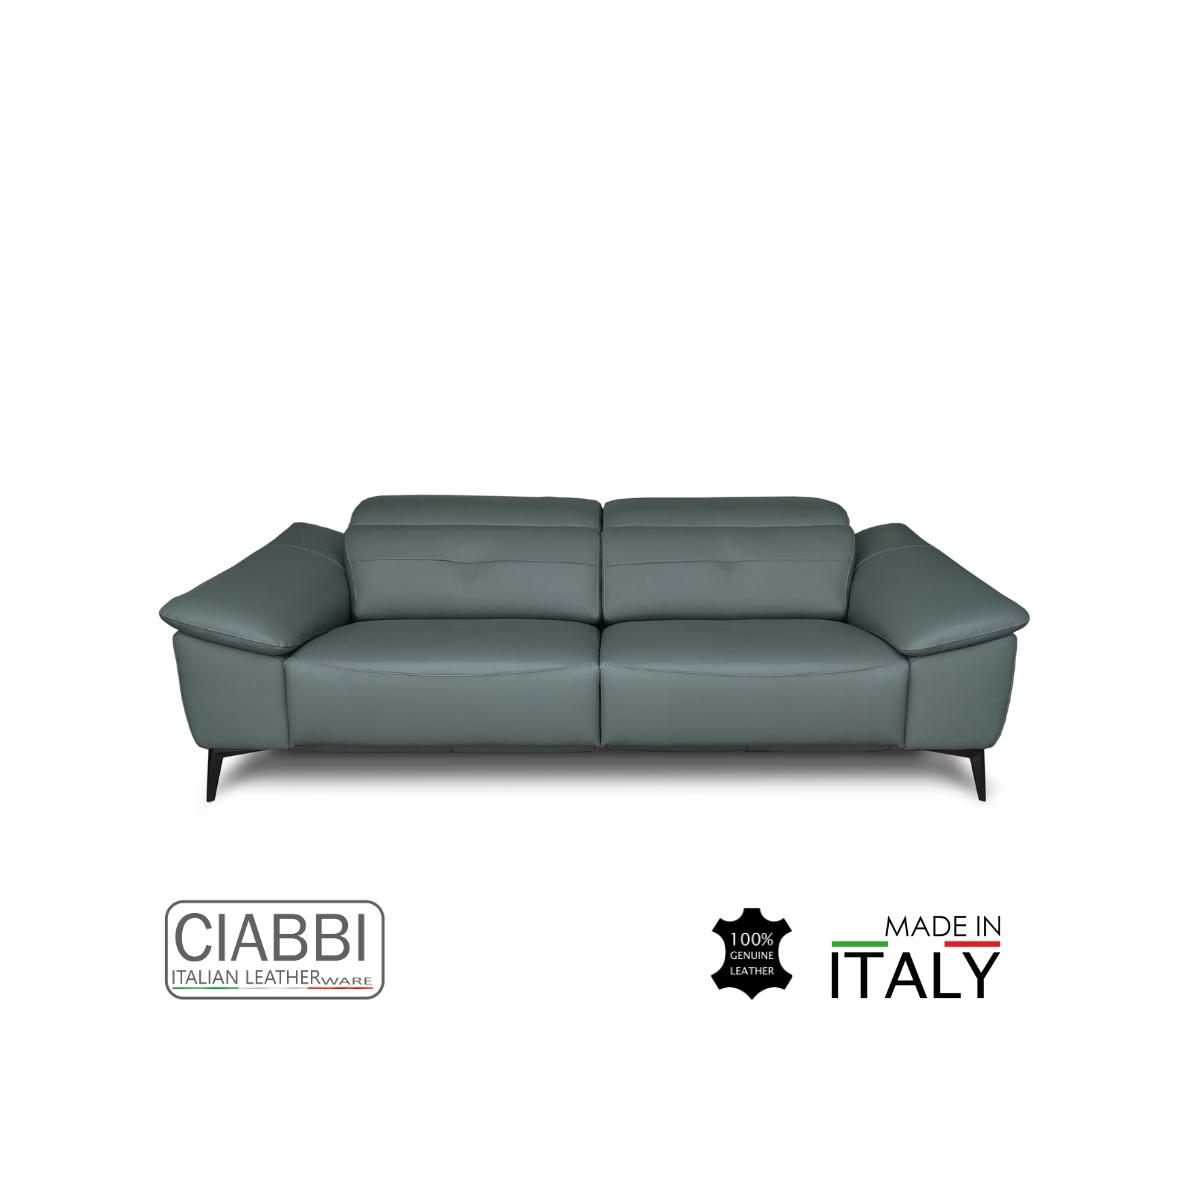 Iago Full Leather 3.5 Seater Sofa